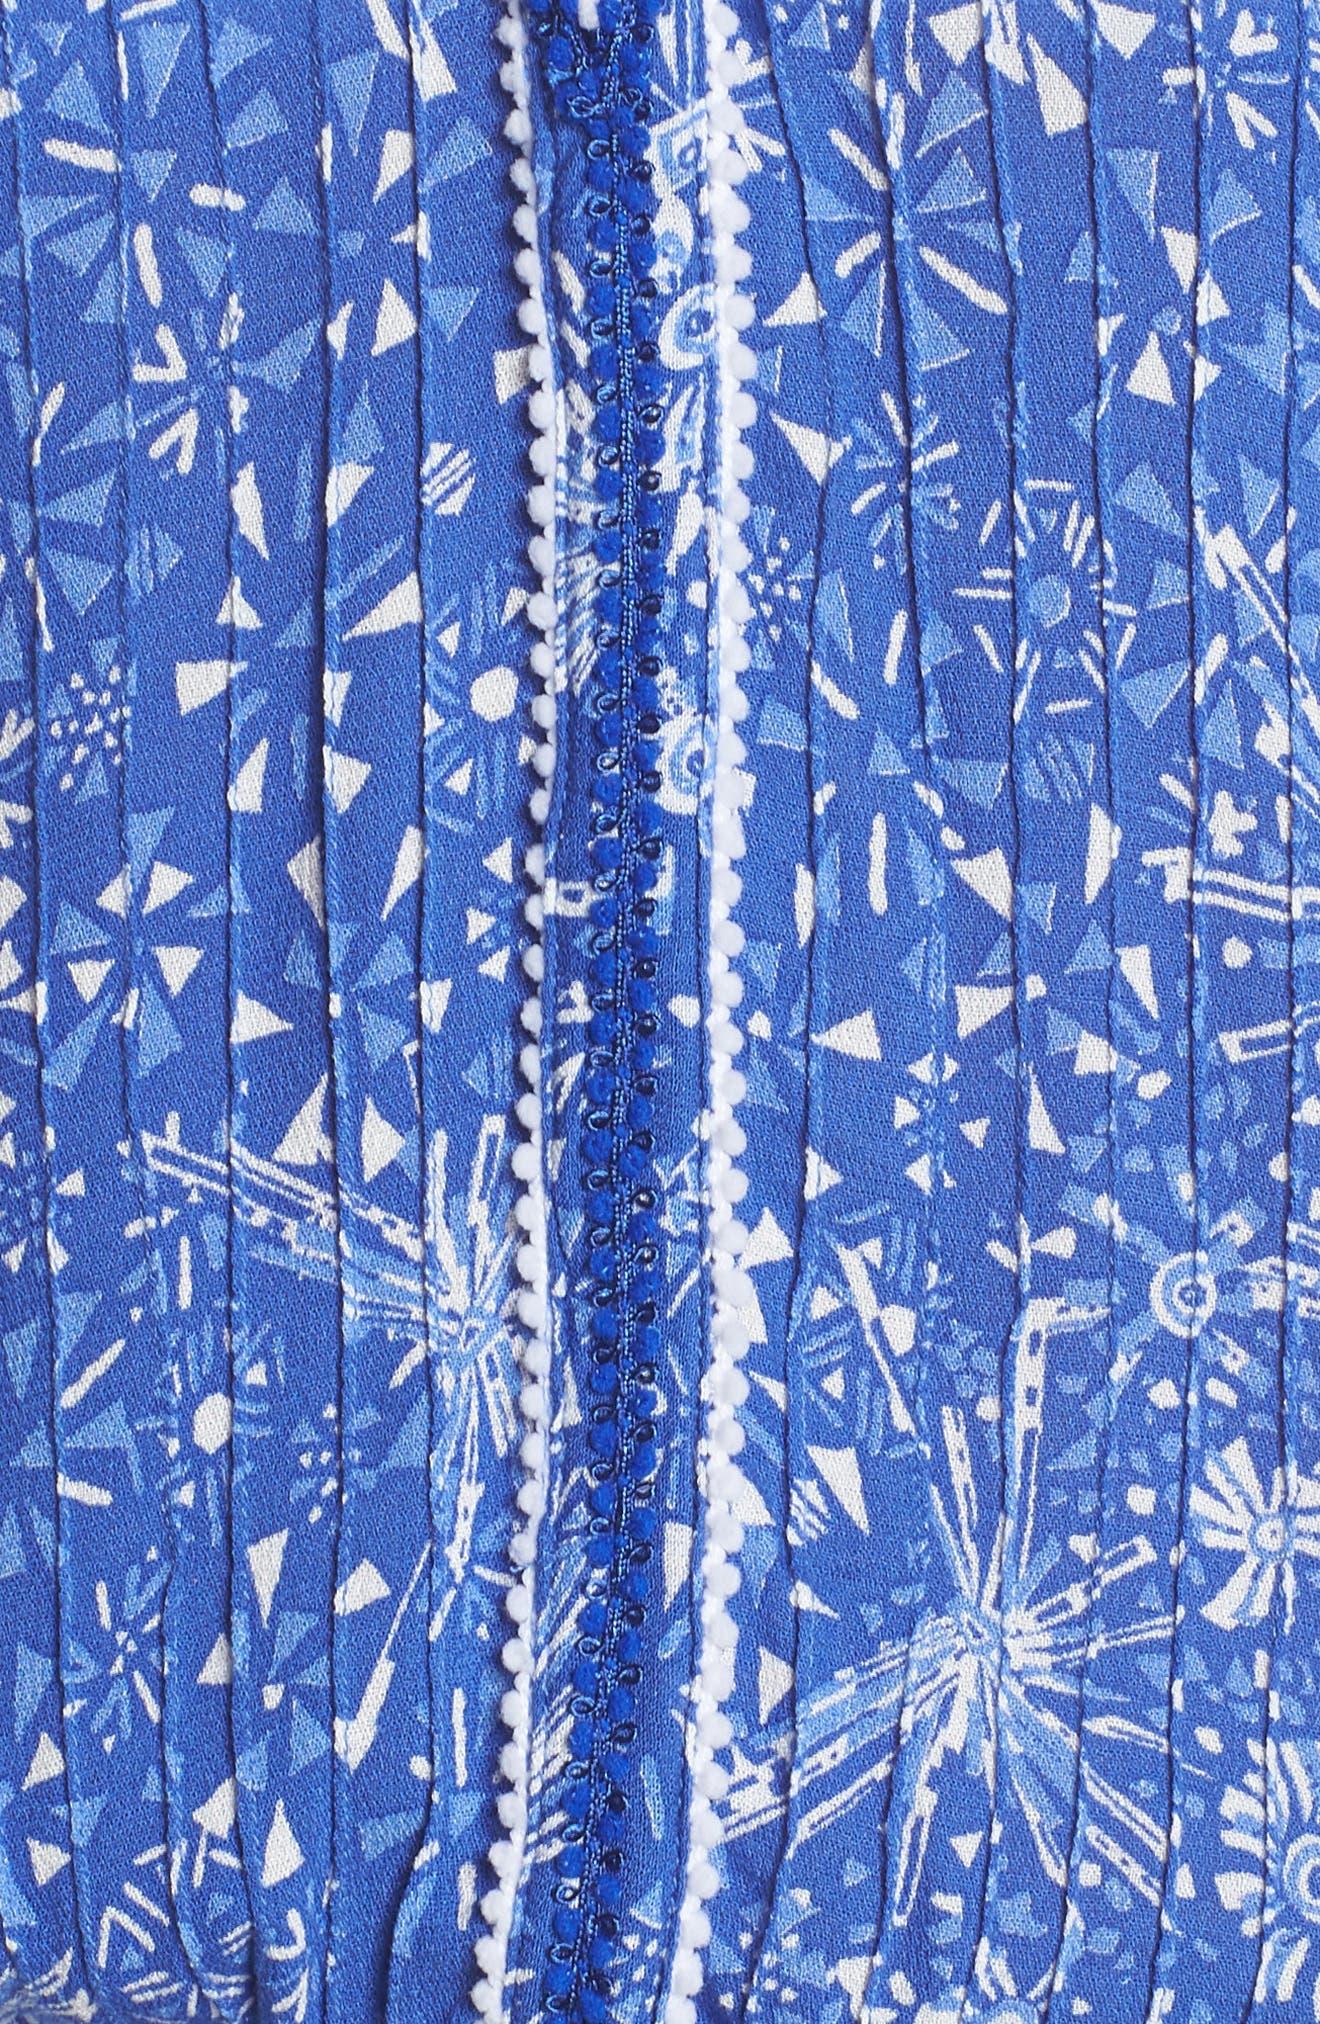 Poupette St. Barth Nola Cover-Up Romper,                             Alternate thumbnail 5, color,                             Blue Geo Batik